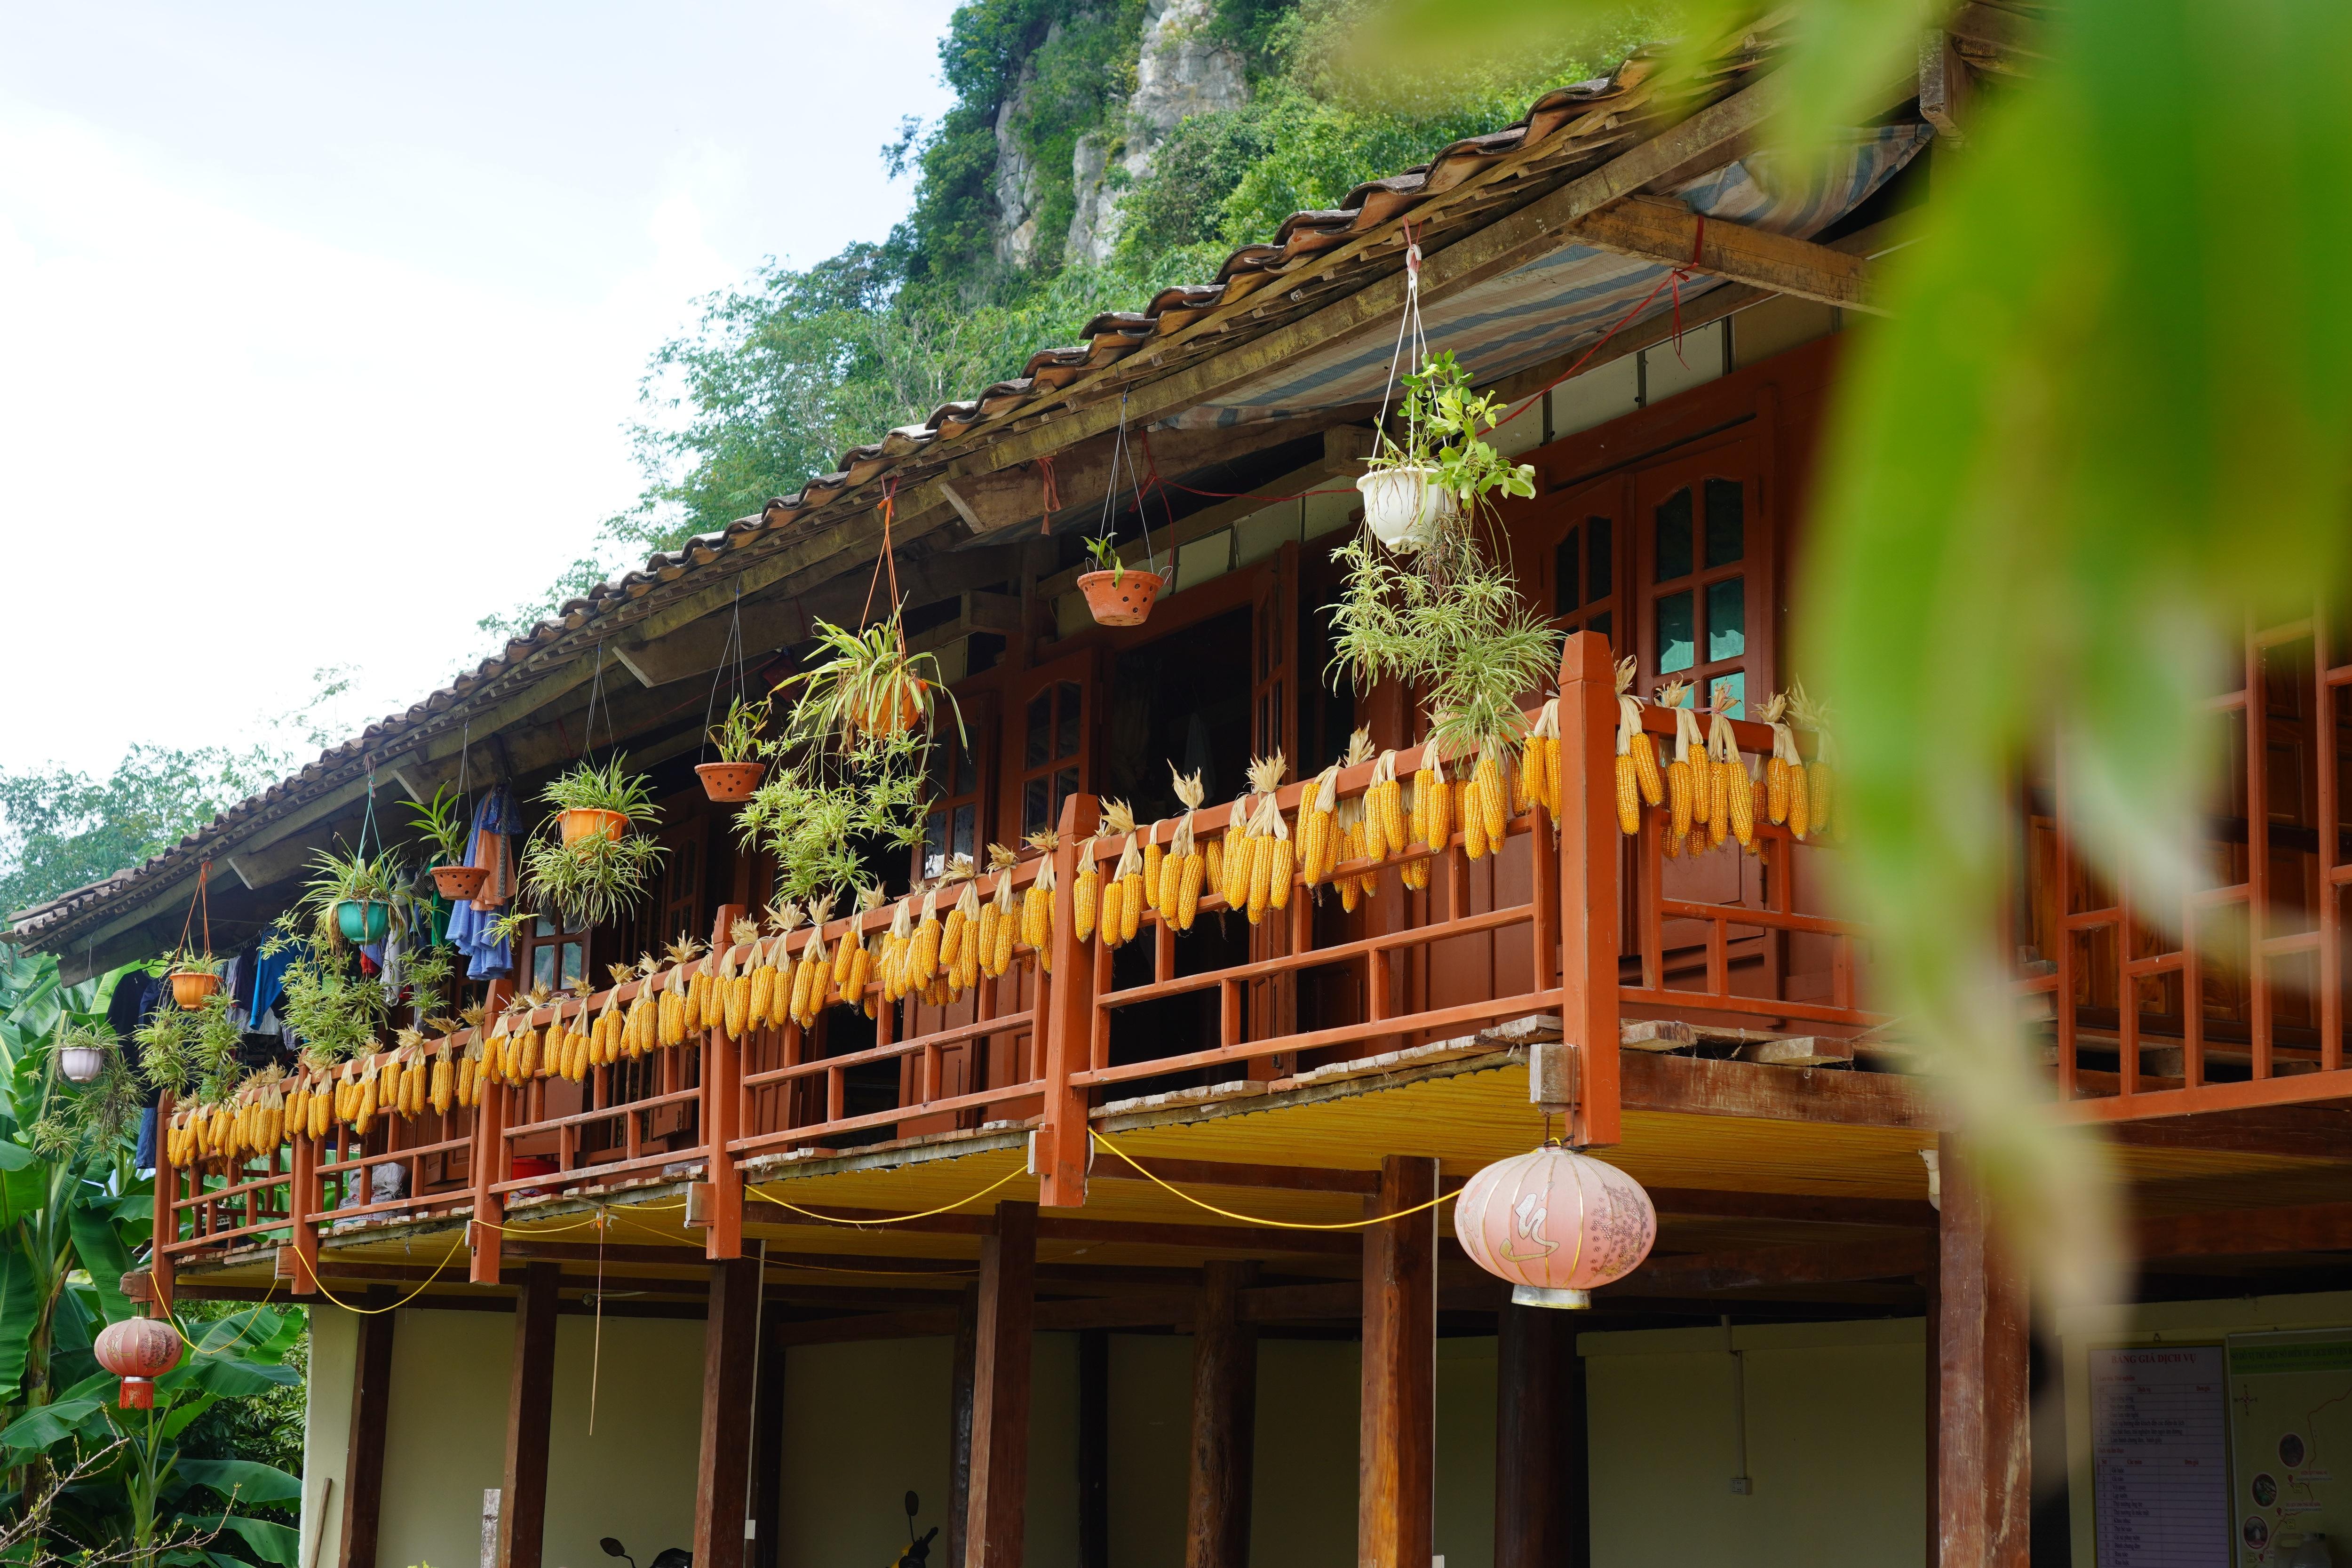 Khám phá ngôi làng có hơn 400 nóc nhà sàn tại thung lũng mây Bắc Sơn - 1